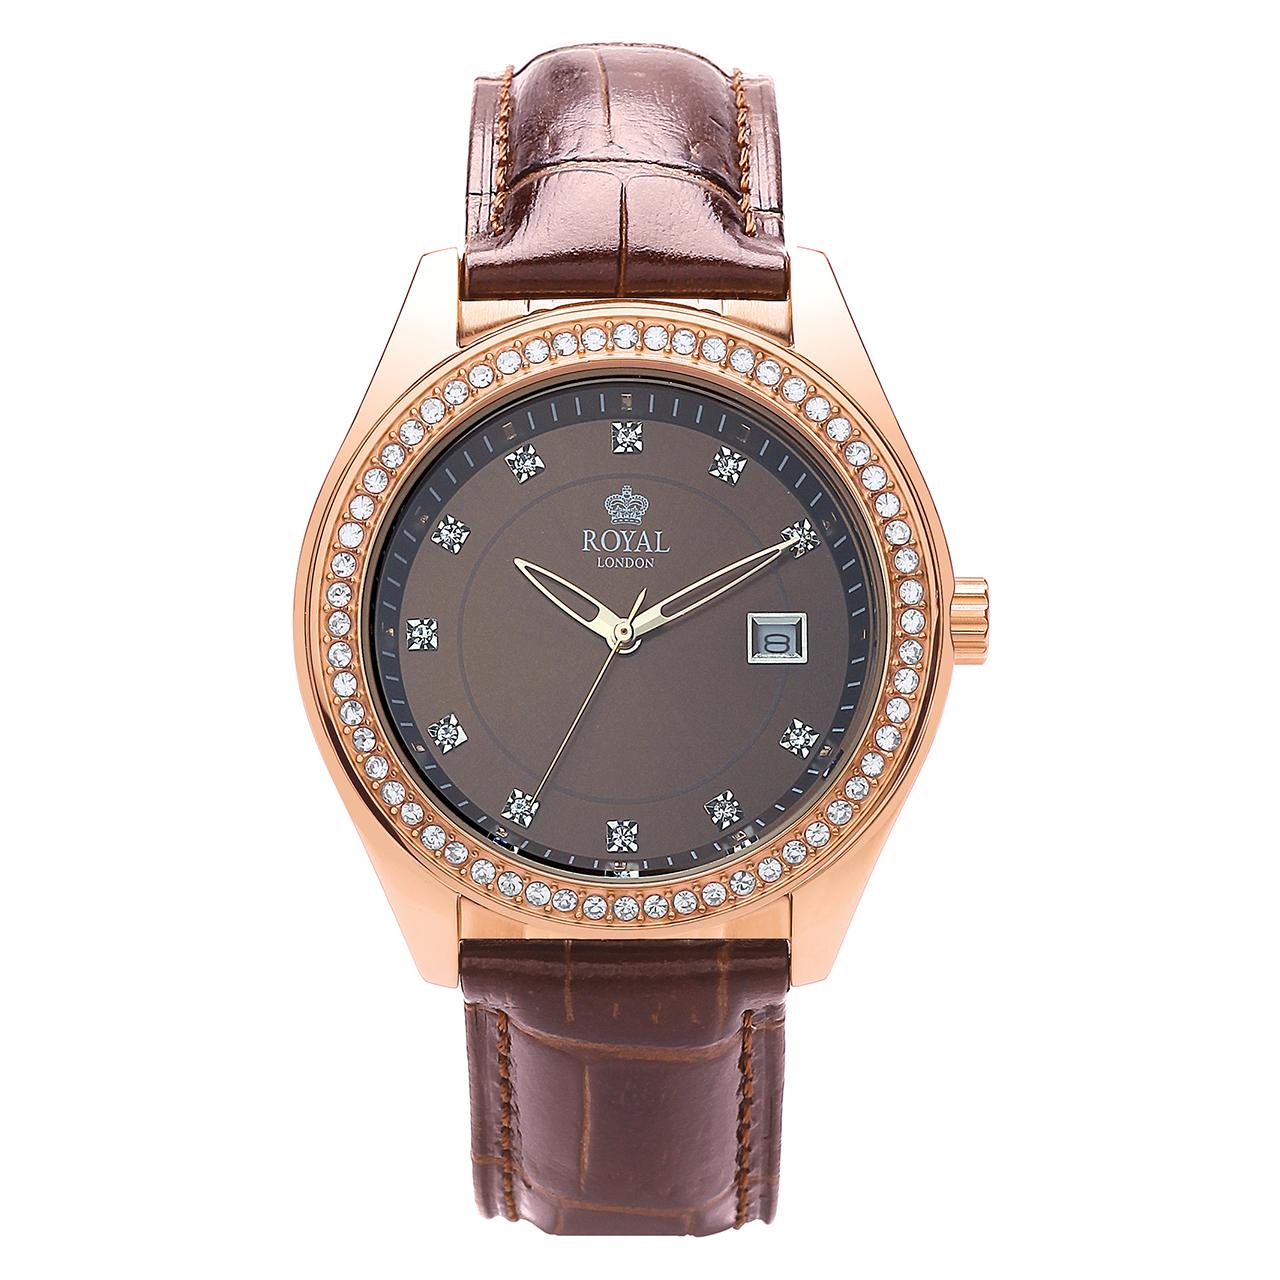 ساعت مچی عقربه ای زنانه رویال لندن مدل RL-21276-05 47